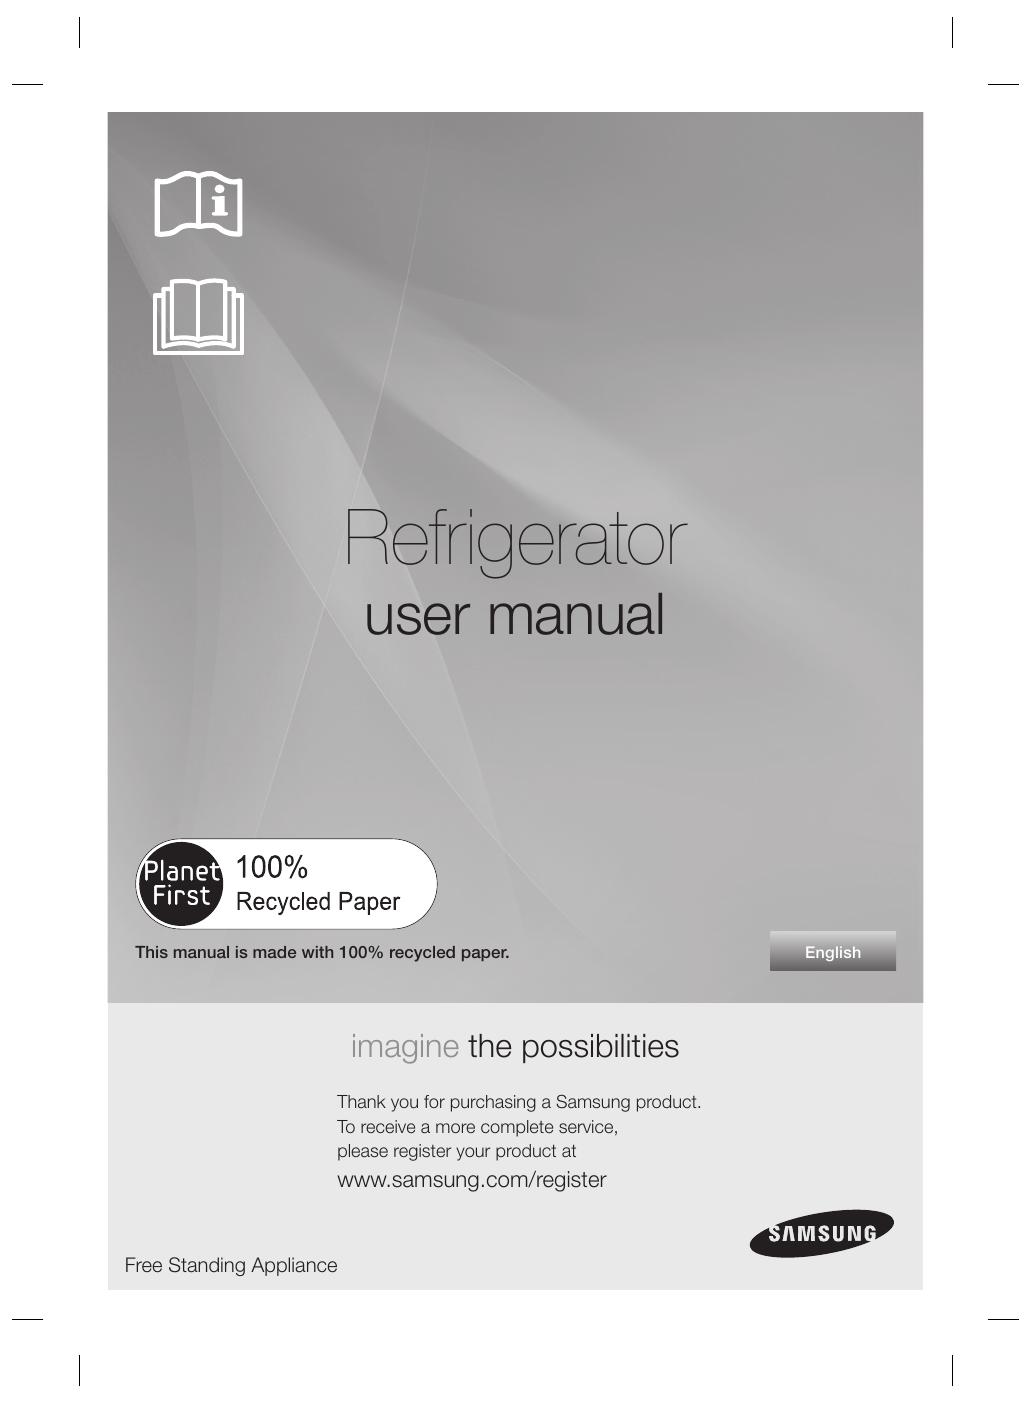 zakačite hladnjak filtra za vodu web stranice za tetoviranje besplatno